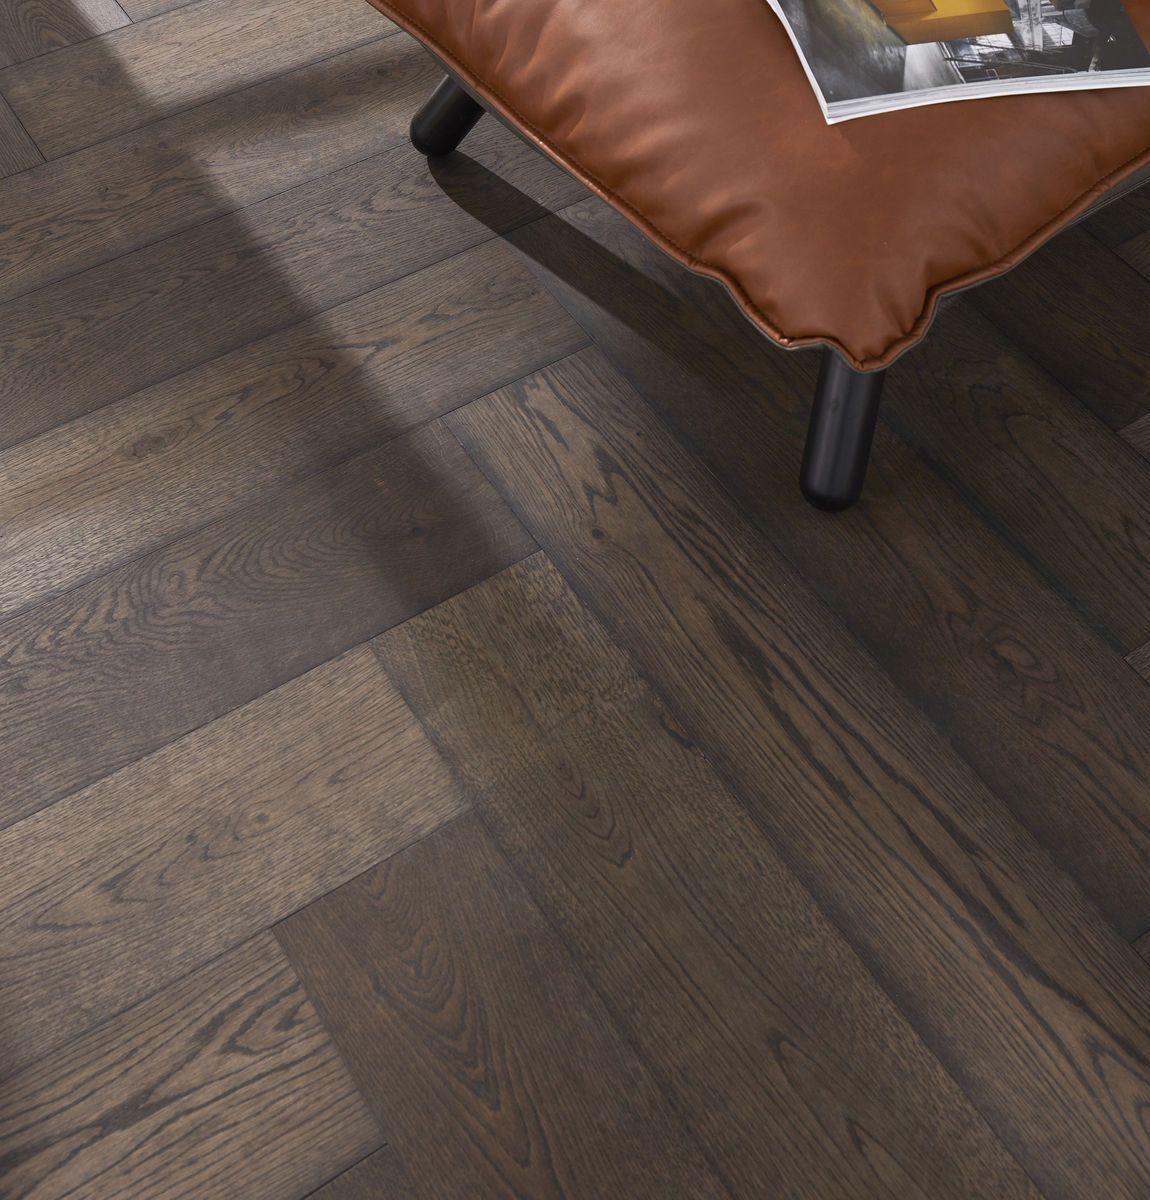 Magnifiek Houten vloeren in visgraat patroon zijn weer helemaal terug &EB36